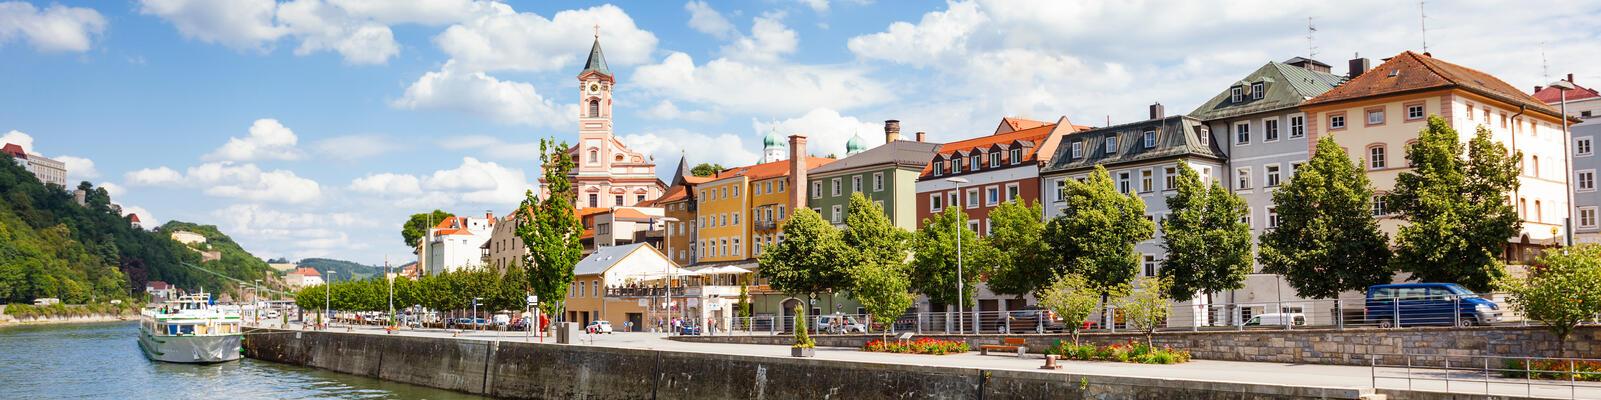 Nutten aus Vilshofen an der Donau